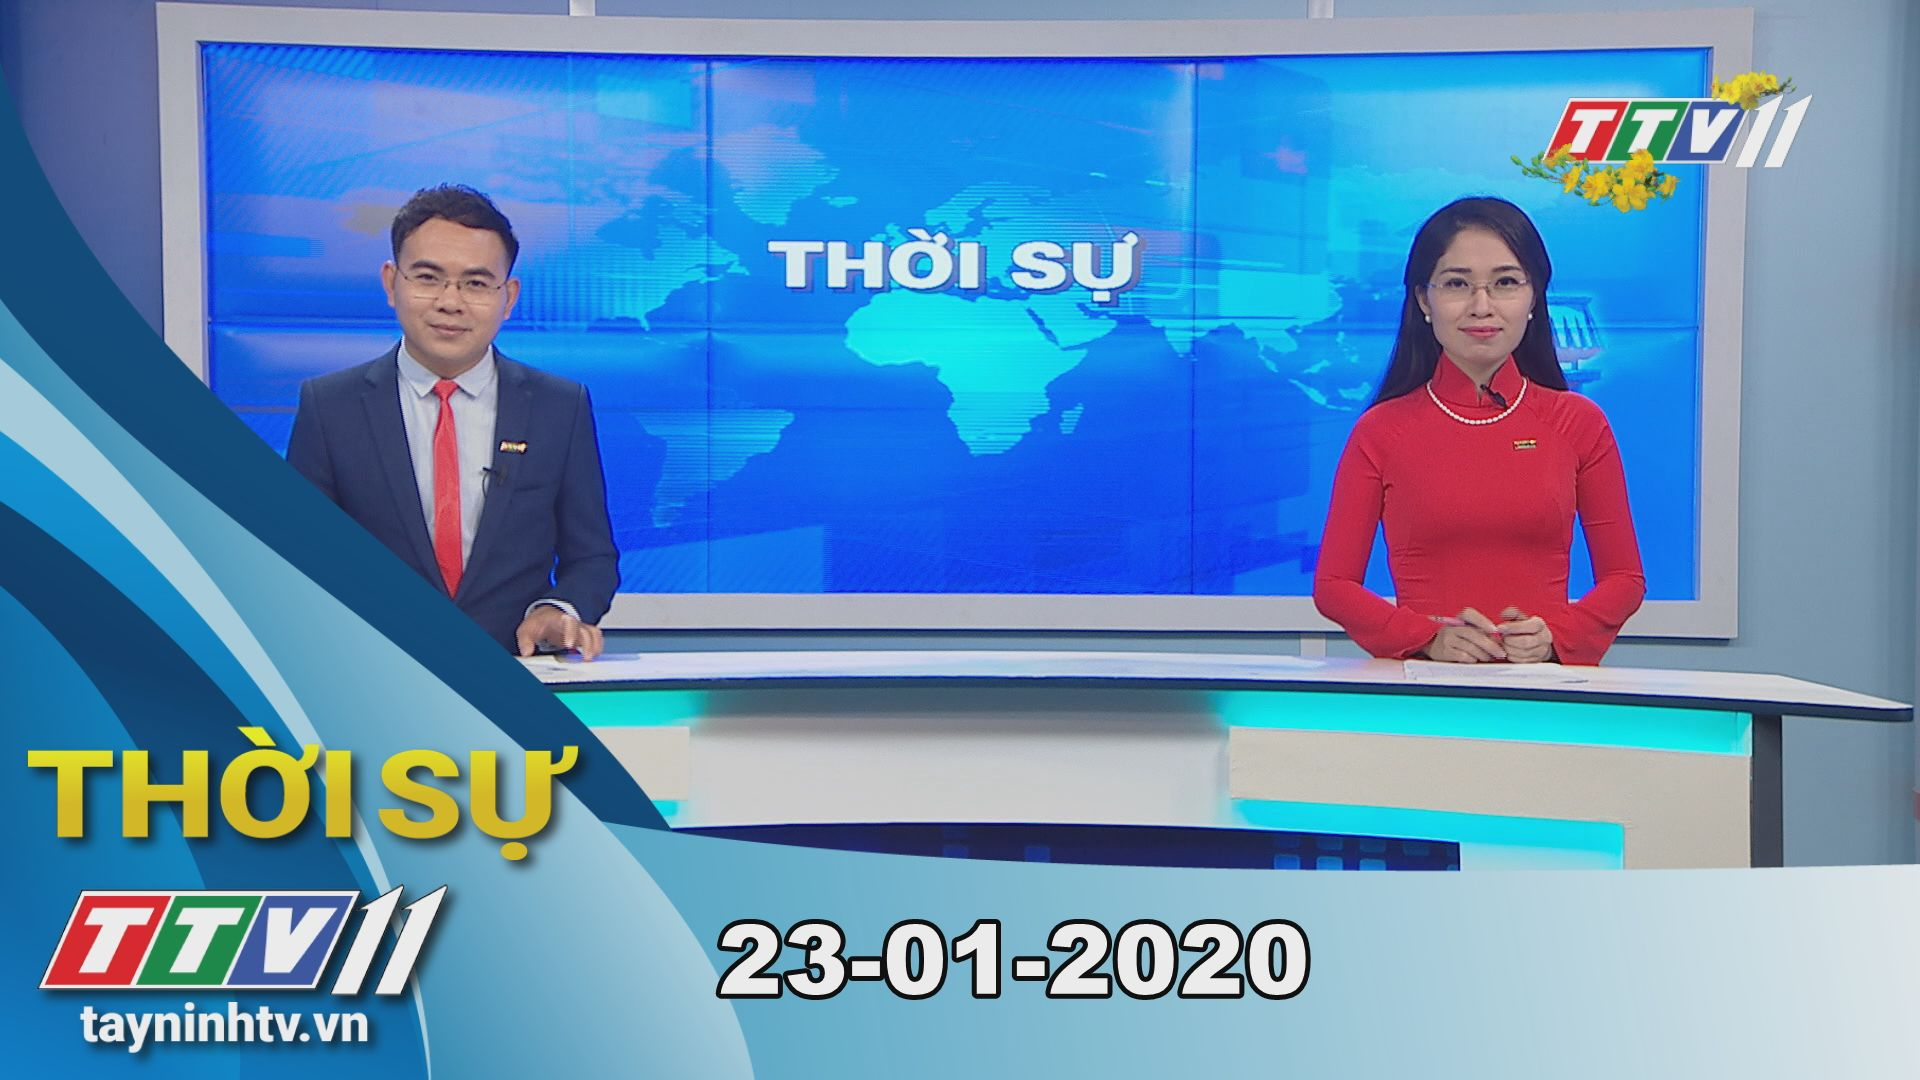 Thời sự Tây Ninh 23-01-2020 | Tin tức hôm nay | TayNinhTV